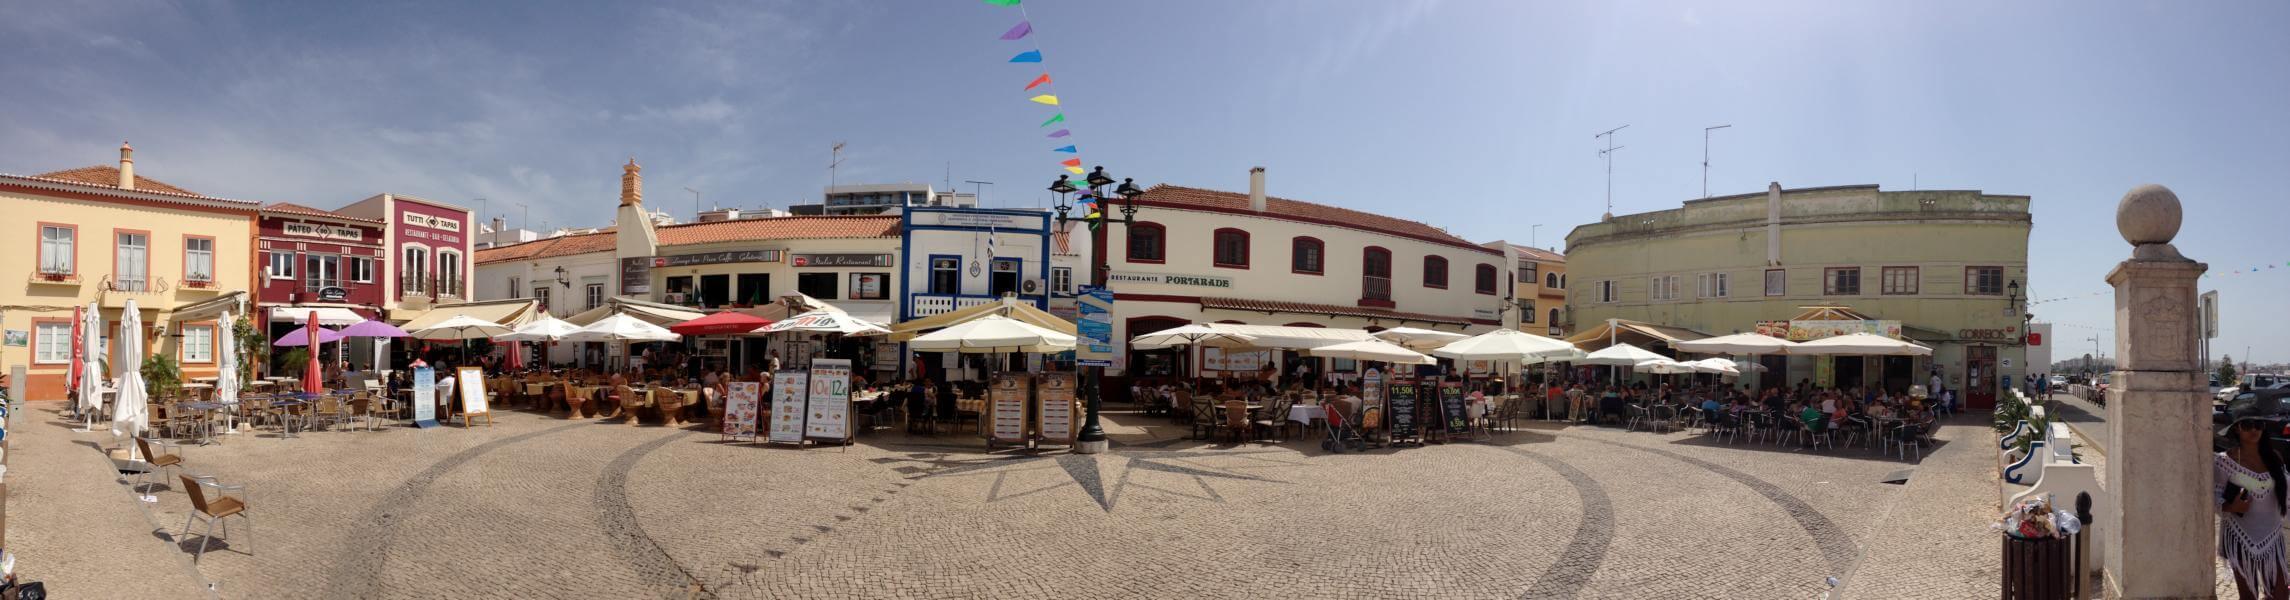 Ferragudo, das kleine Fischerdorf